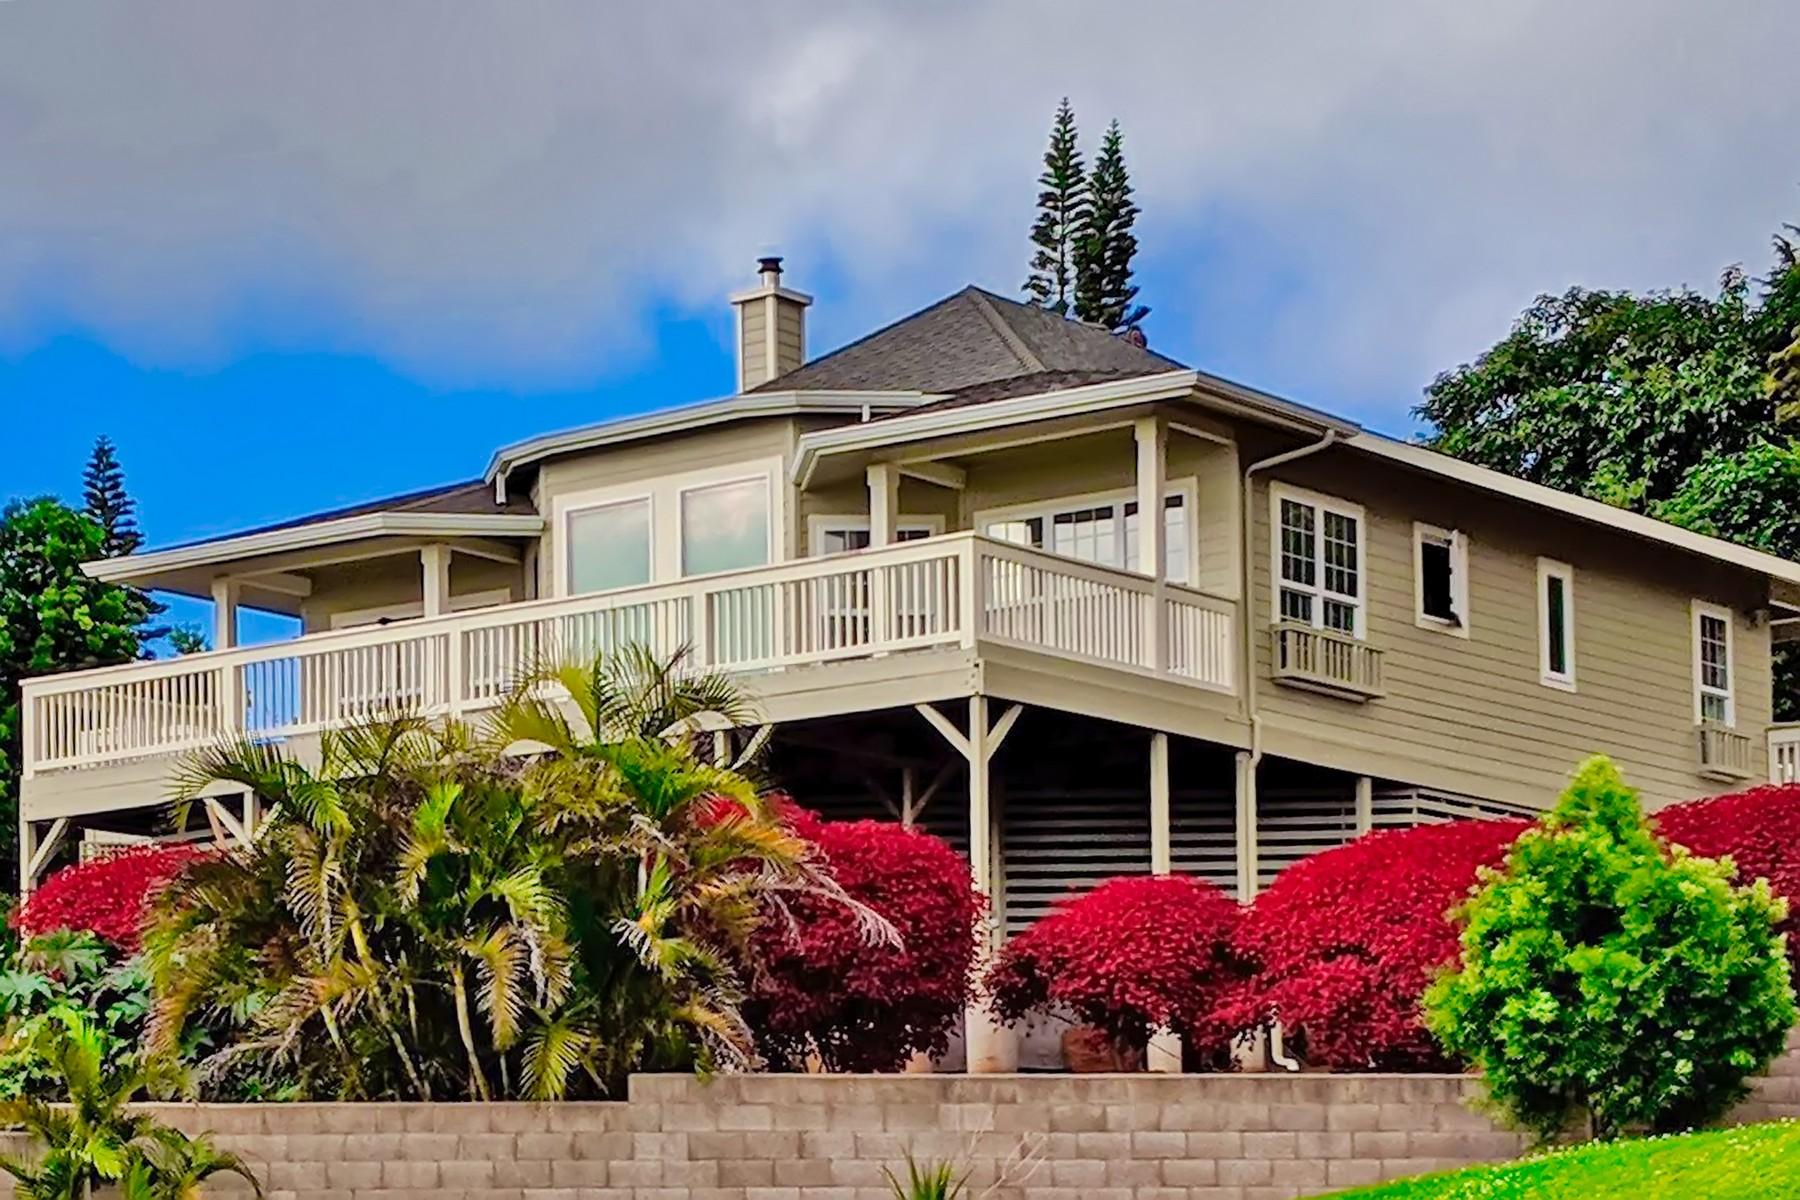 一戸建て のために 売買 アット Pristine Single Level Plantation Home in Kula 1268 Lower Kimo Dr Kula, ハワイ 96790 アメリカ合衆国